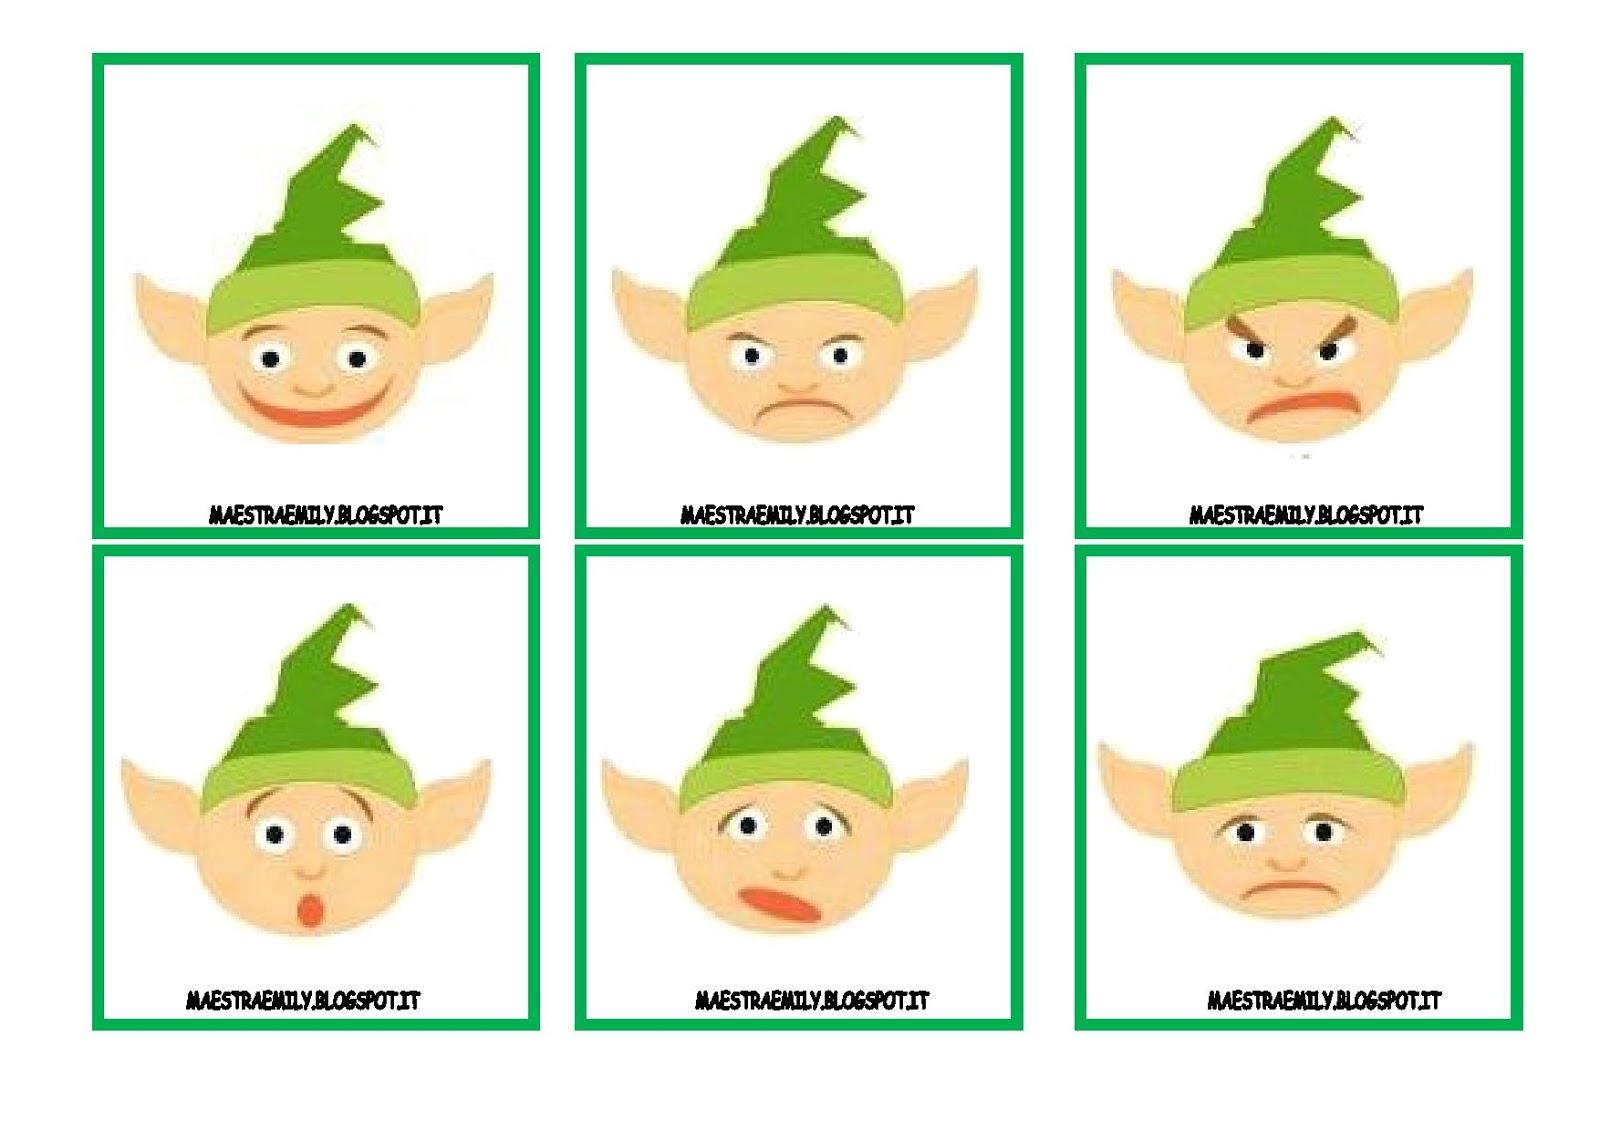 Maestraemily memory delle emozioni in versione natalizia for Memory da stampare